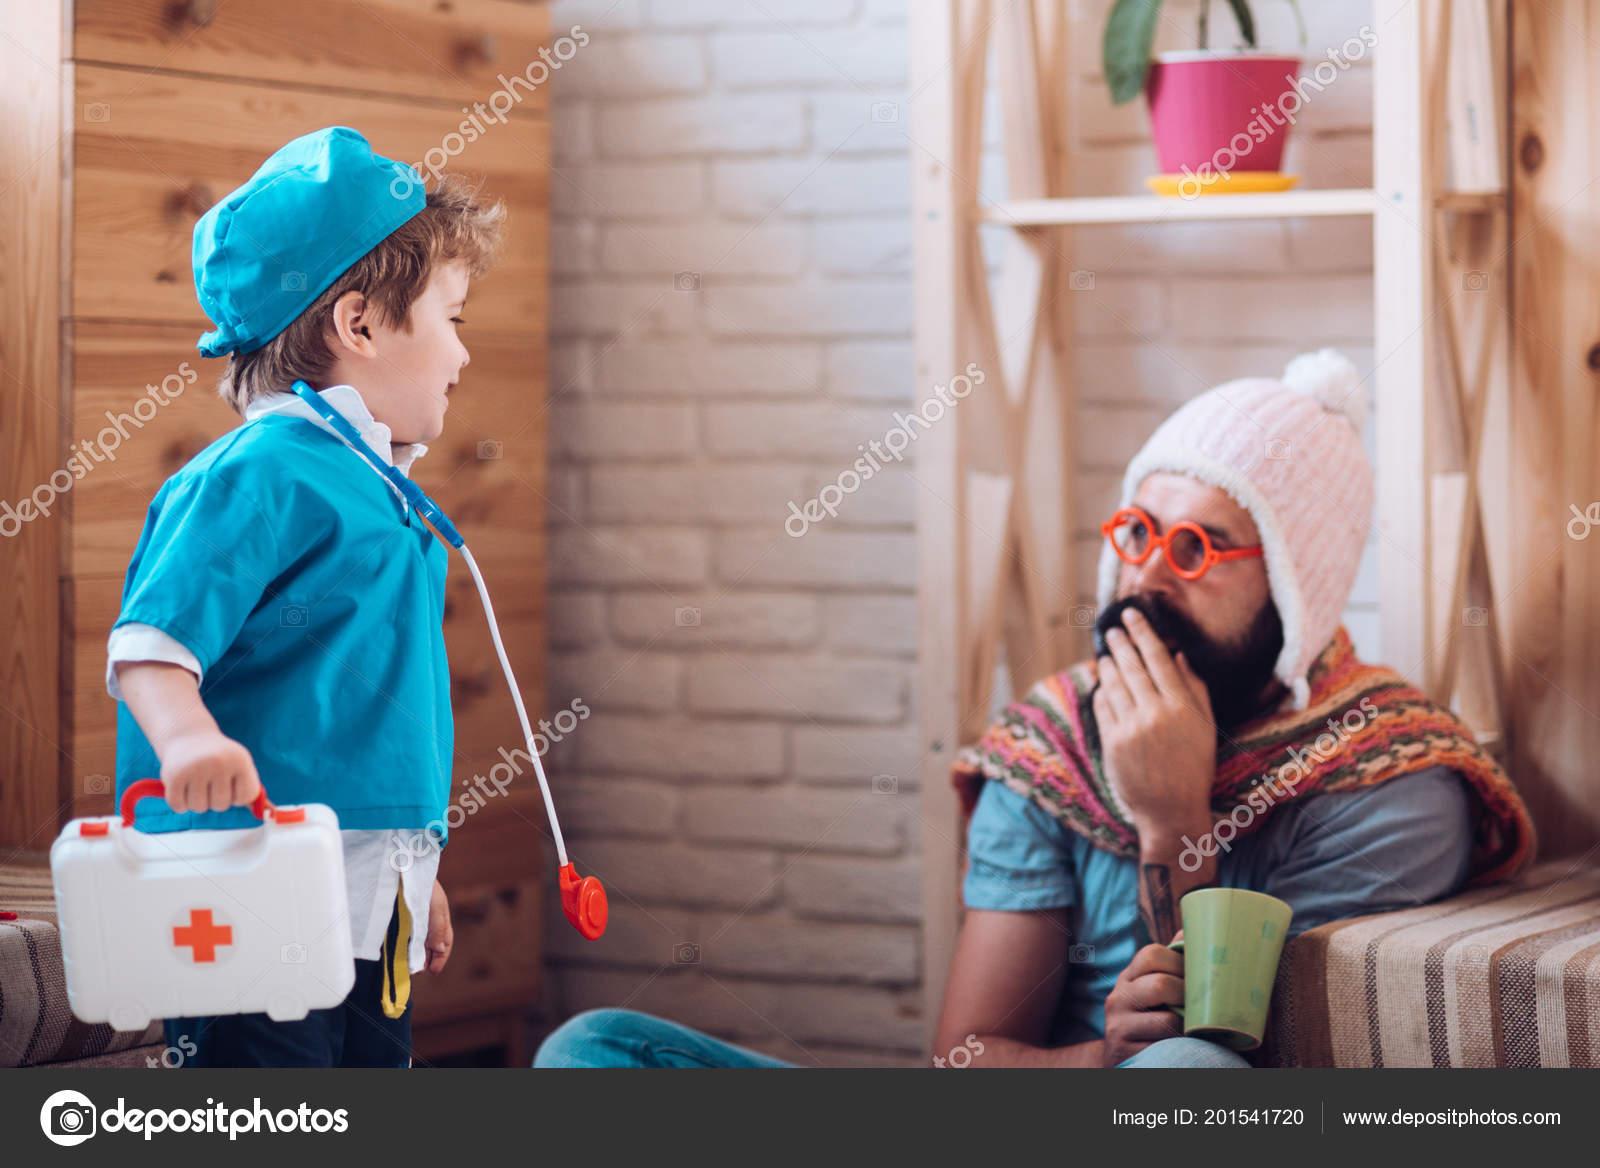 3742eea27b857 Medicina e saúde. Criança brincar de médico com homem. Filho com caixa de  primeiros socorros